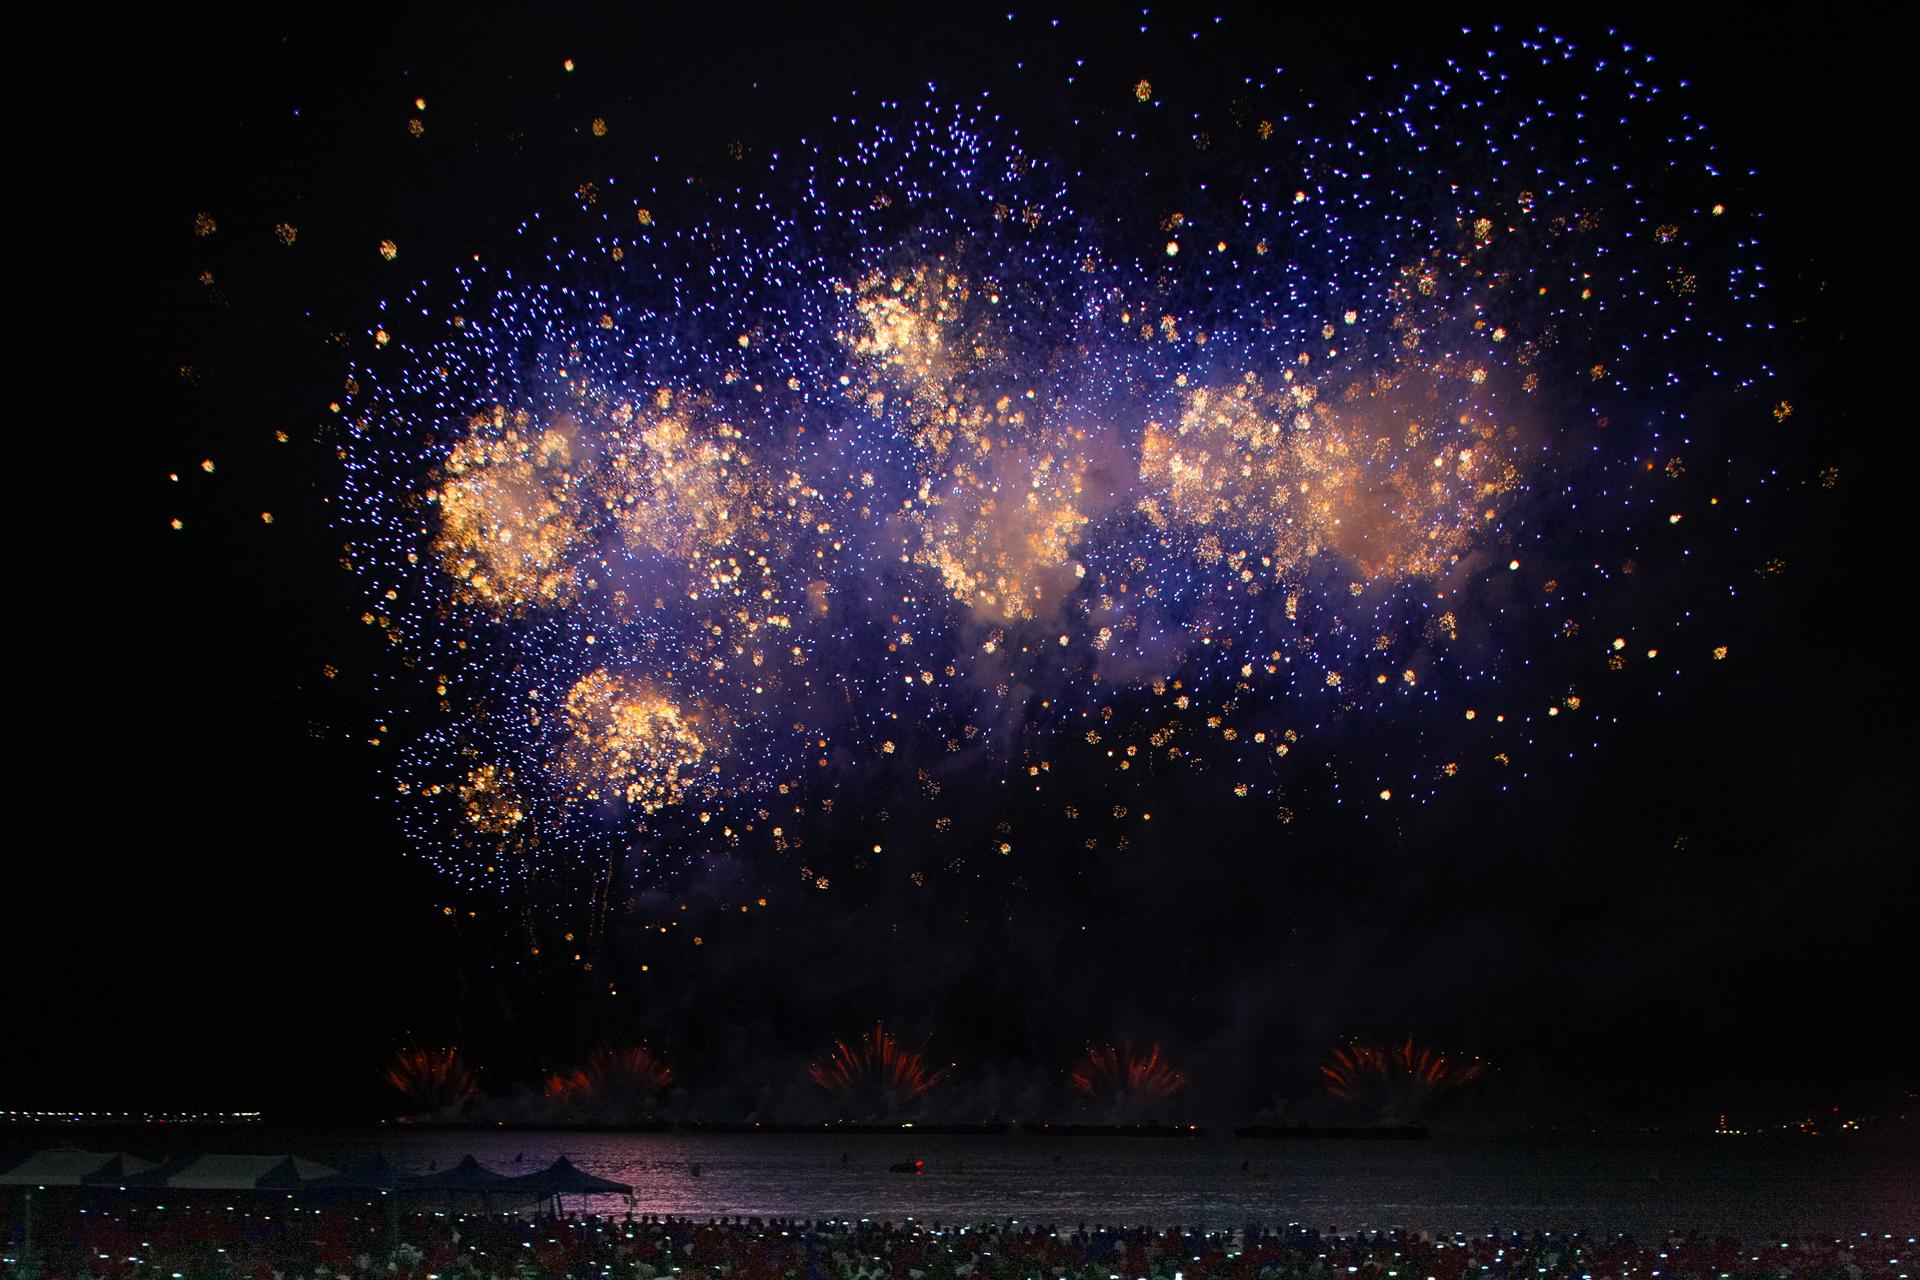 불꽃쇼 영국쥬빌레2 밤하늘에 원 모양의 불꽃이 다양한 크기의 점 모양으로 흩어지는 모습